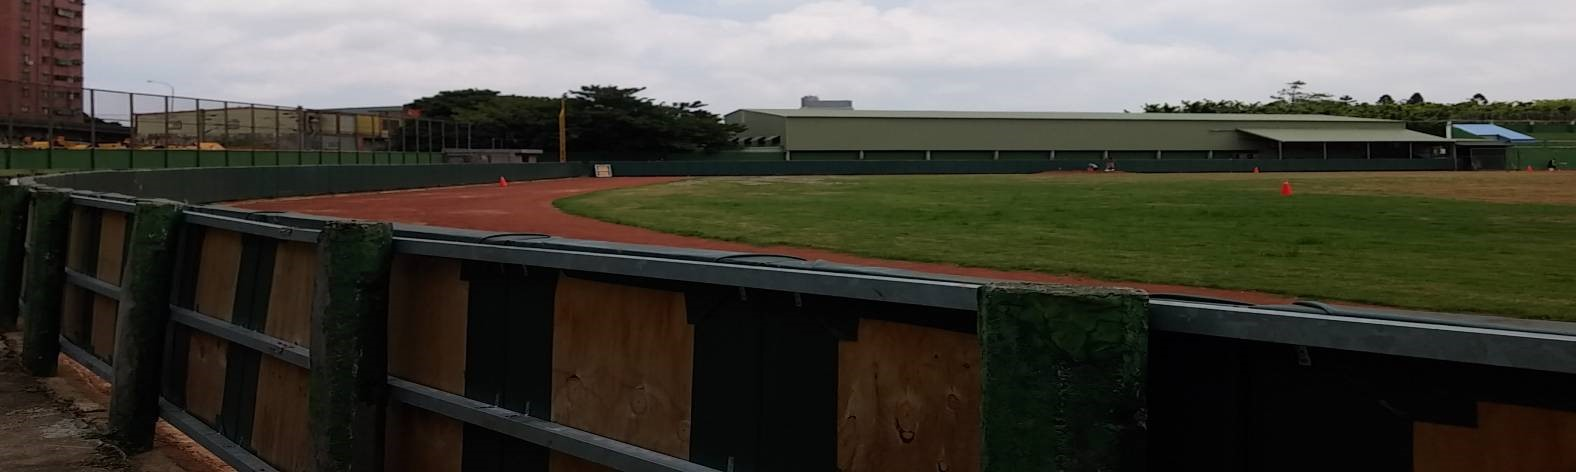 Pingzhen Baseball Stadium